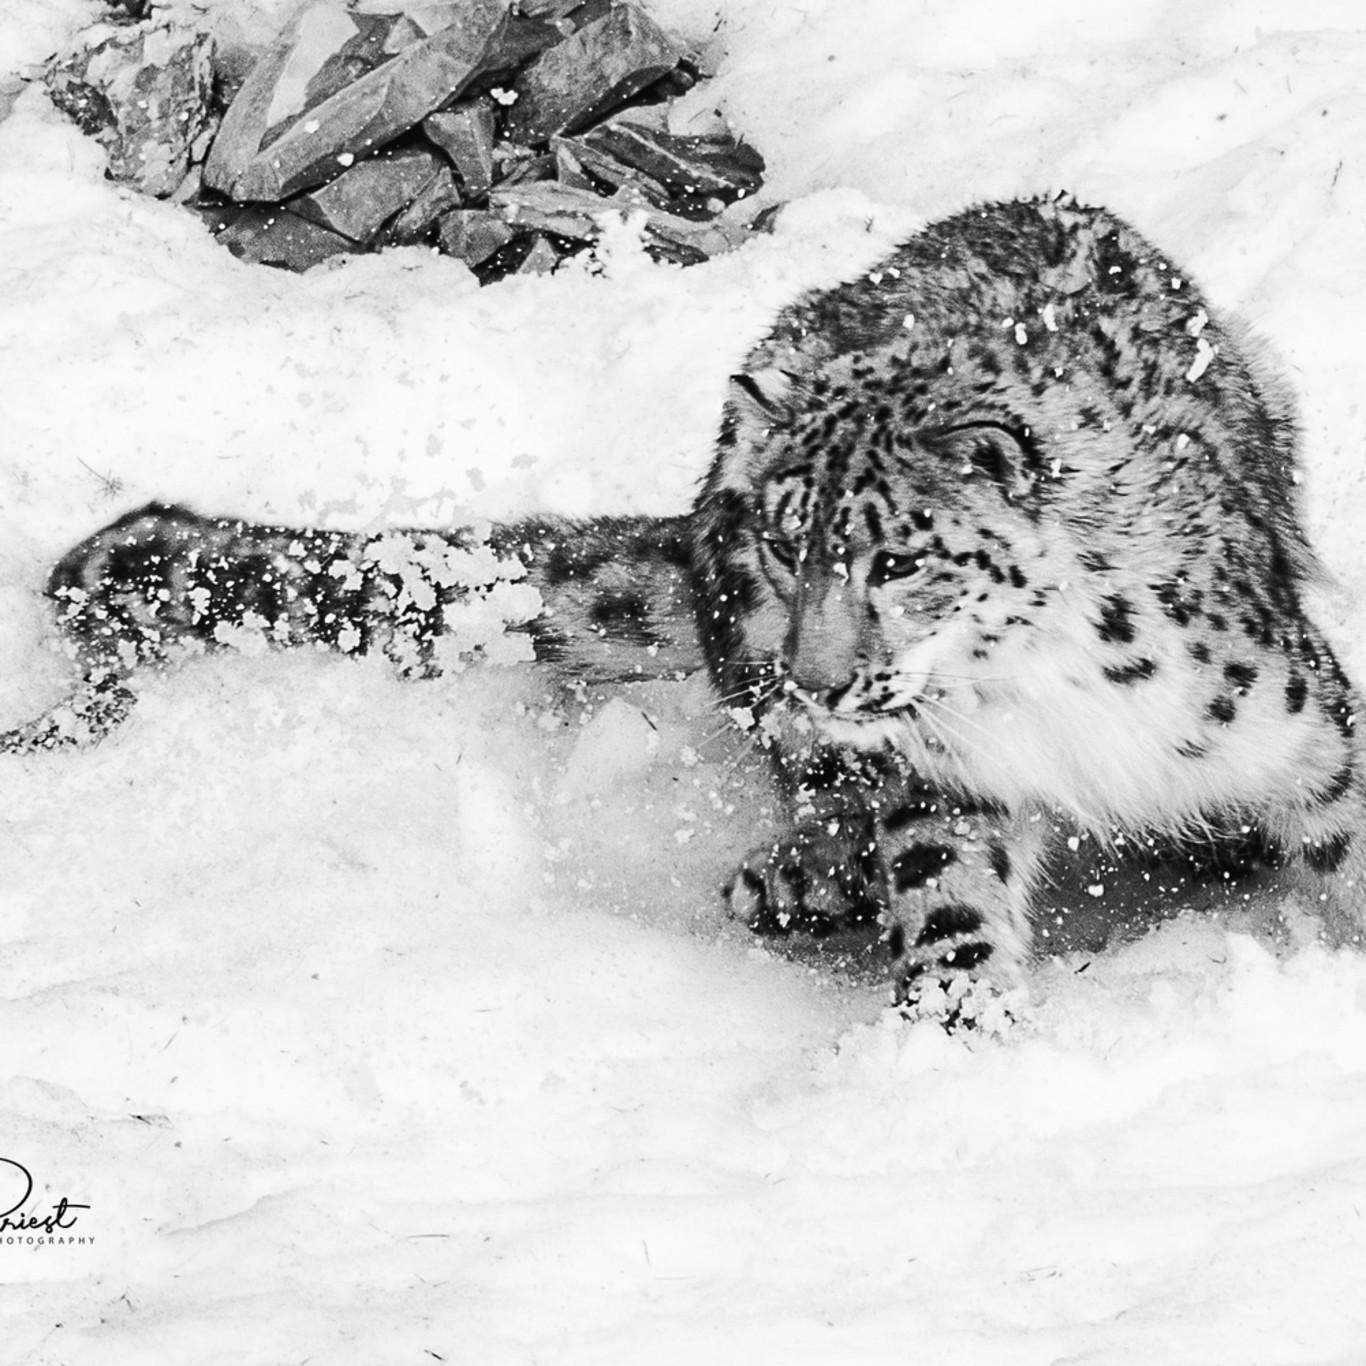 Tripled snowleopard mystique 8556 4 signed avnnyd